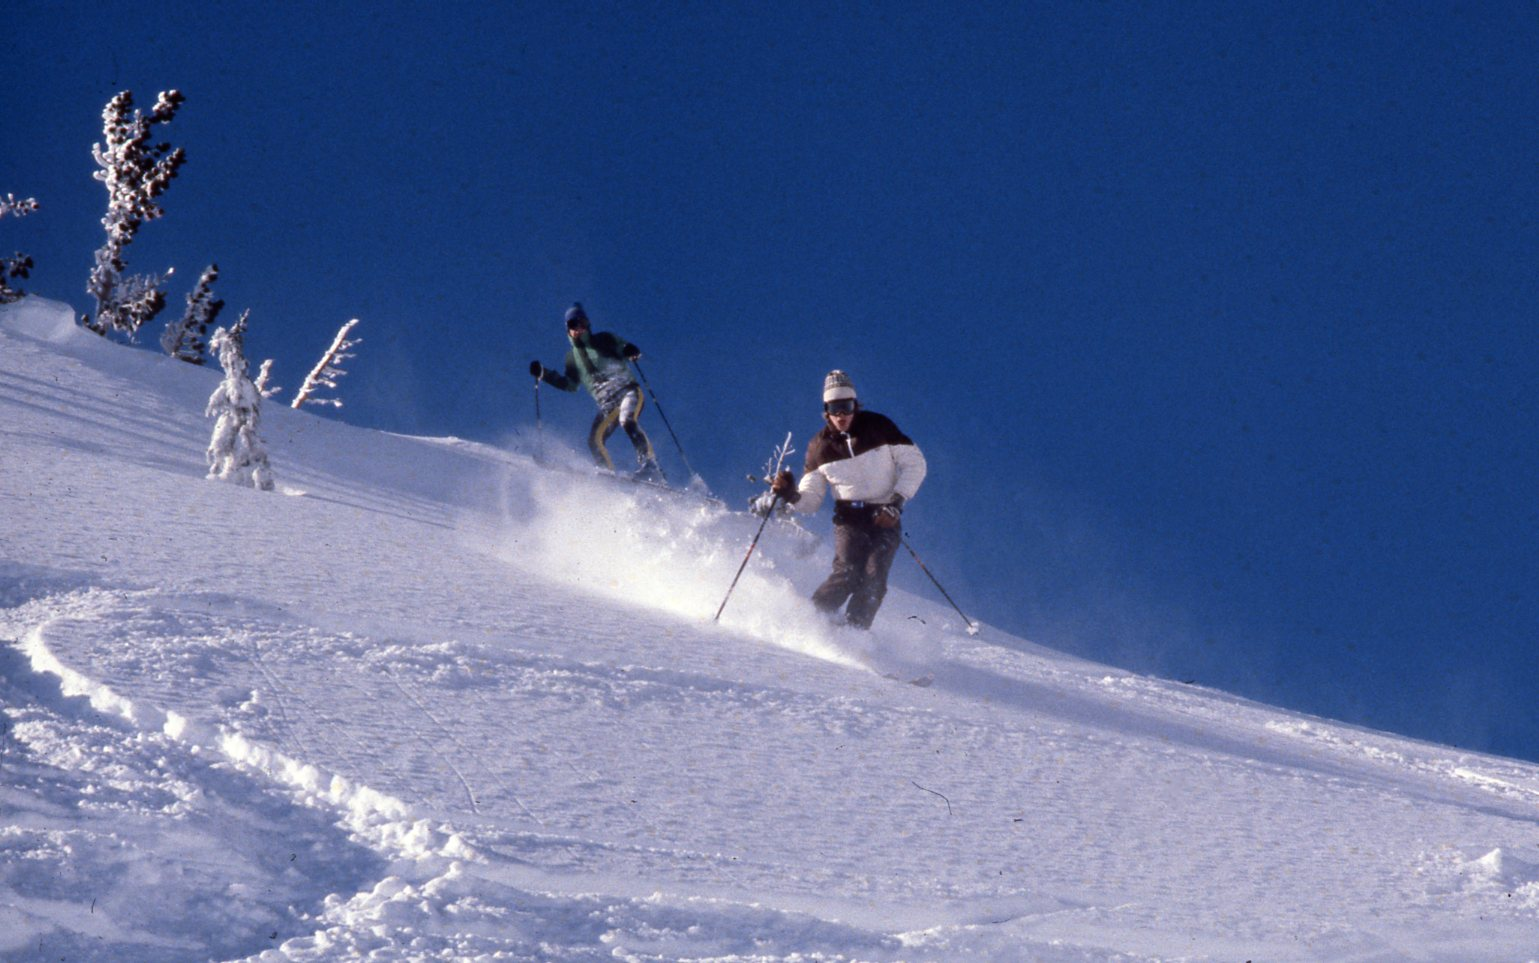 Skiing at Meadows